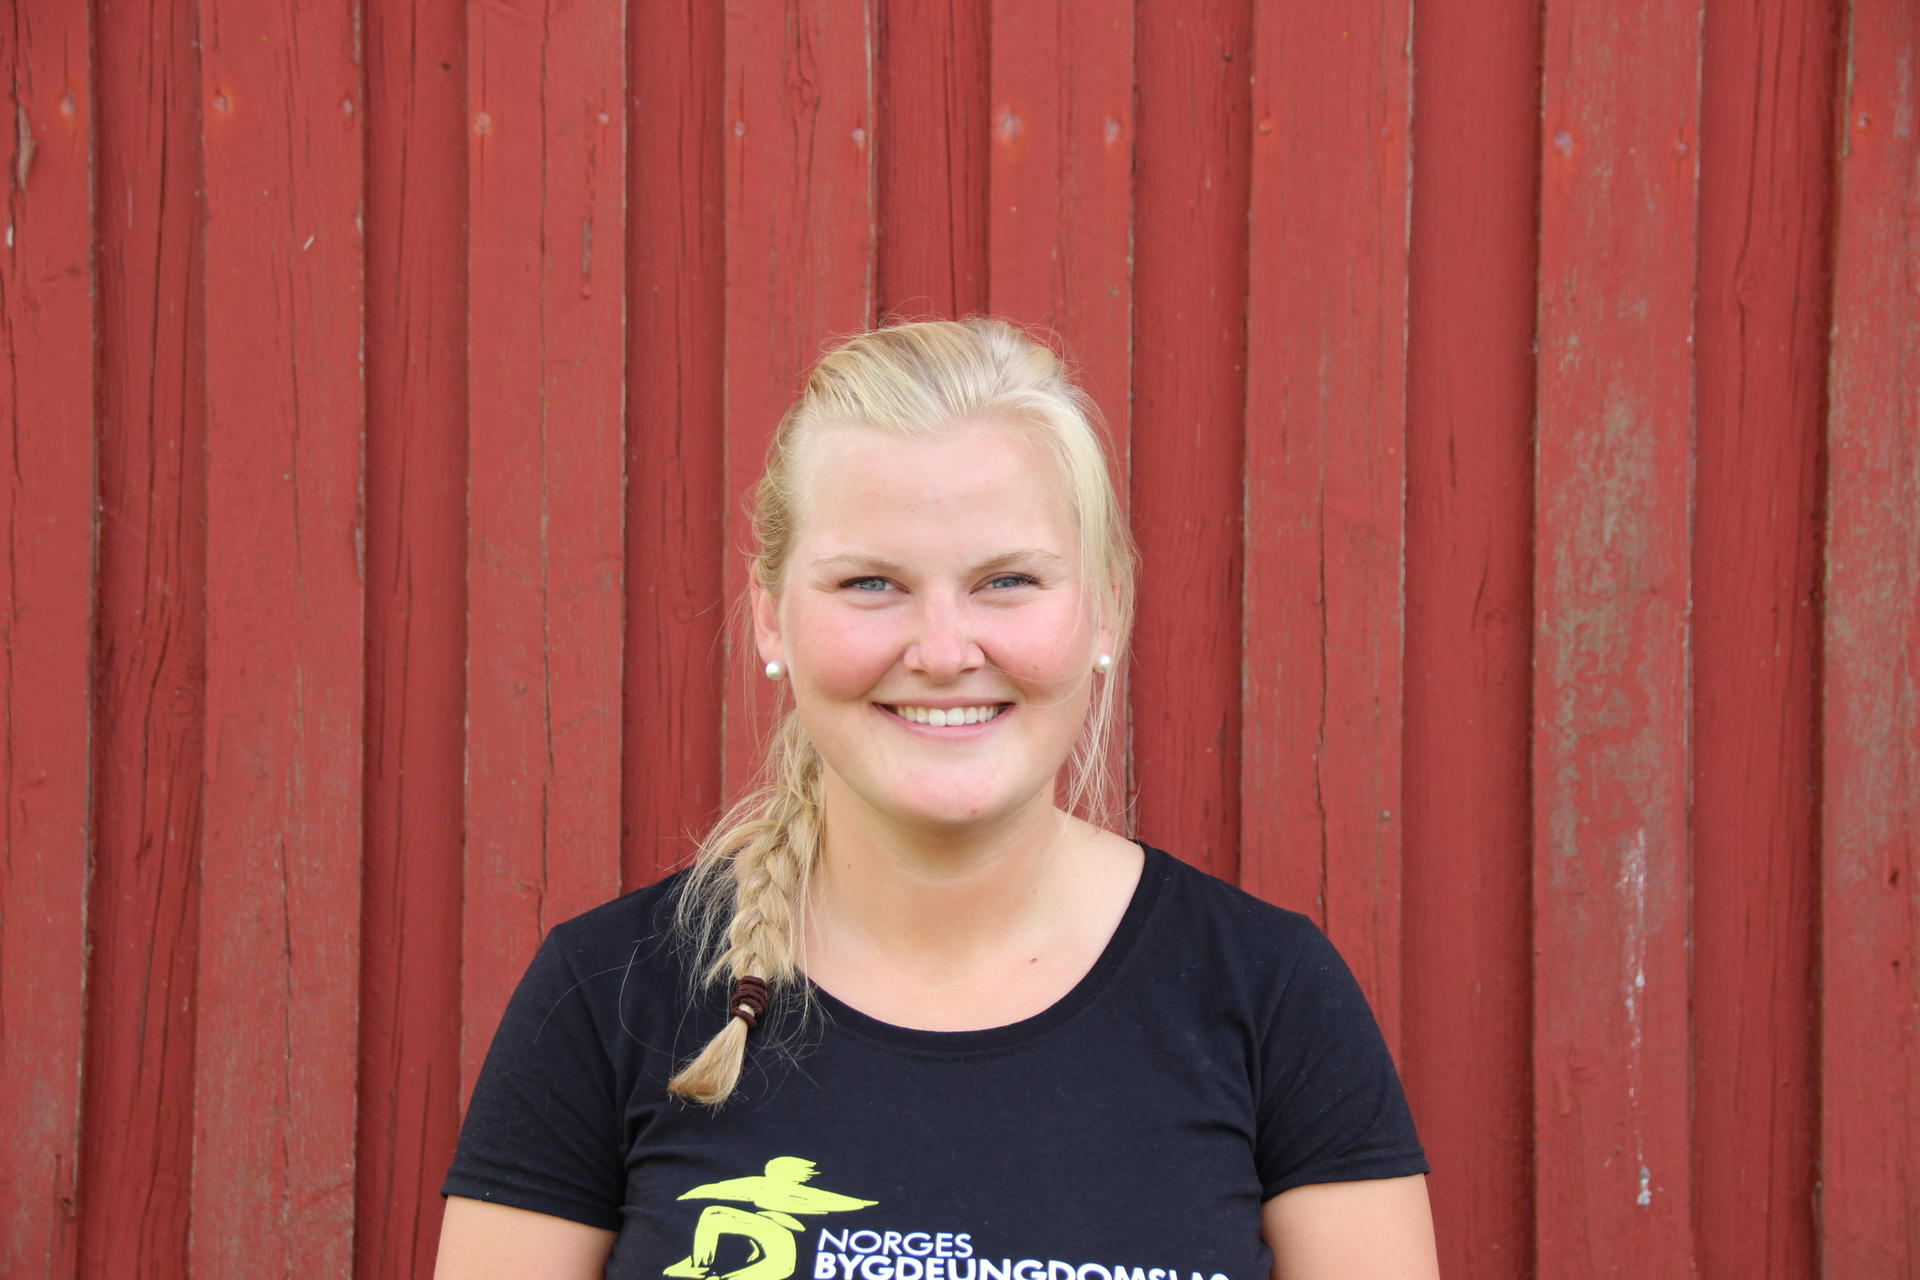 Thea Thujord er styremedlem i Norges Bygdeungdomslag. Hun vil ha høyhastighetsnett i hele landet, ikke bare i byene slik regjeringen legger opp til. Foto: Emma Gerritsen